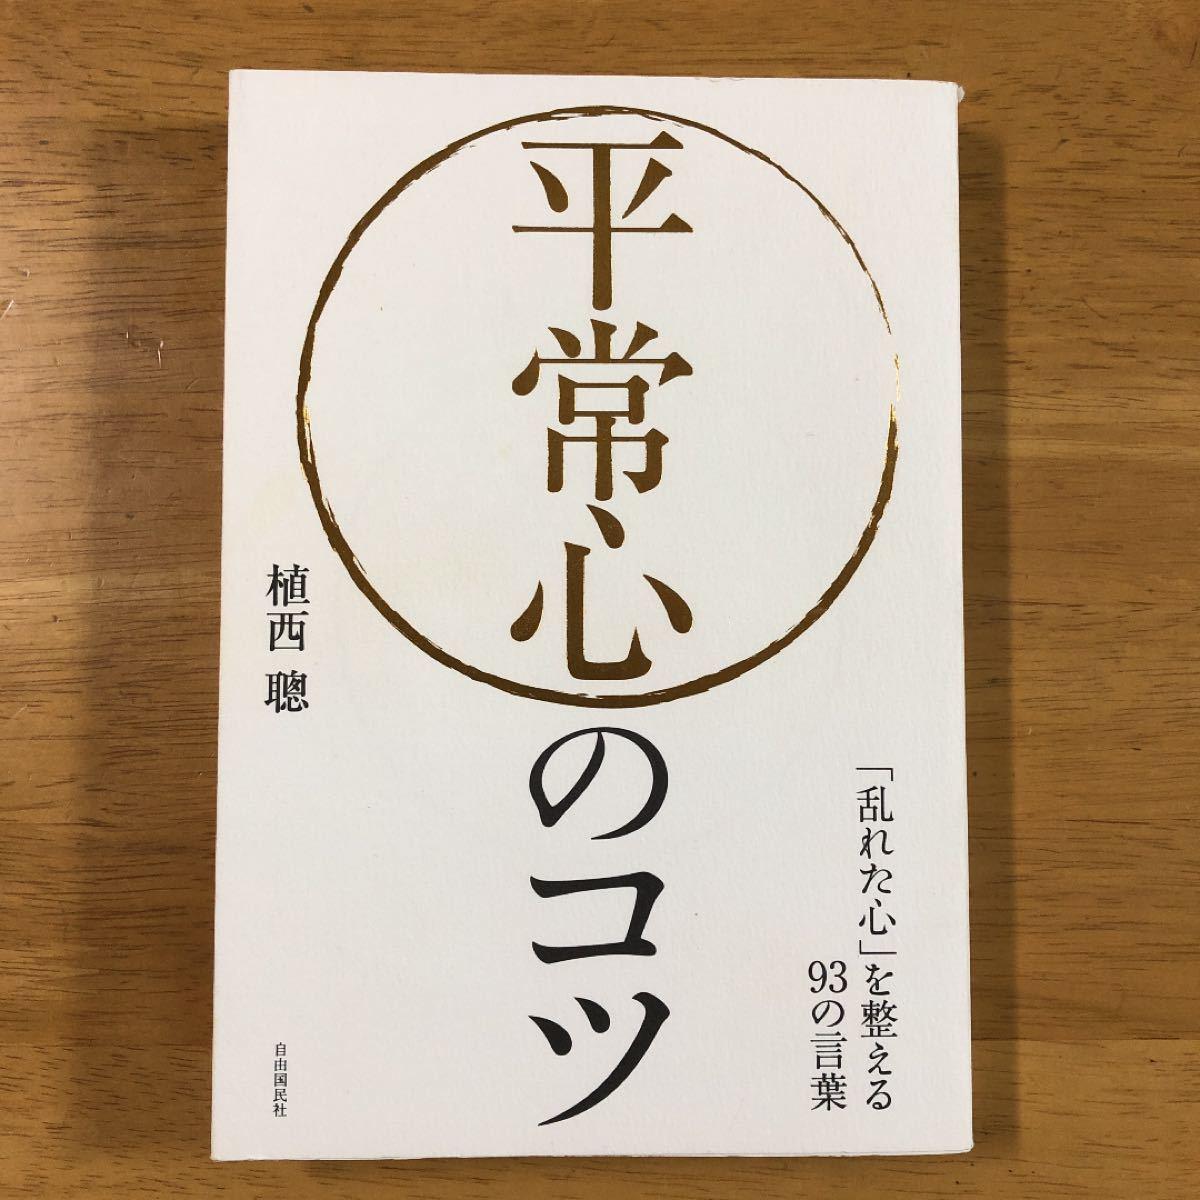 平常心のコツ / 出版社-自由国民社